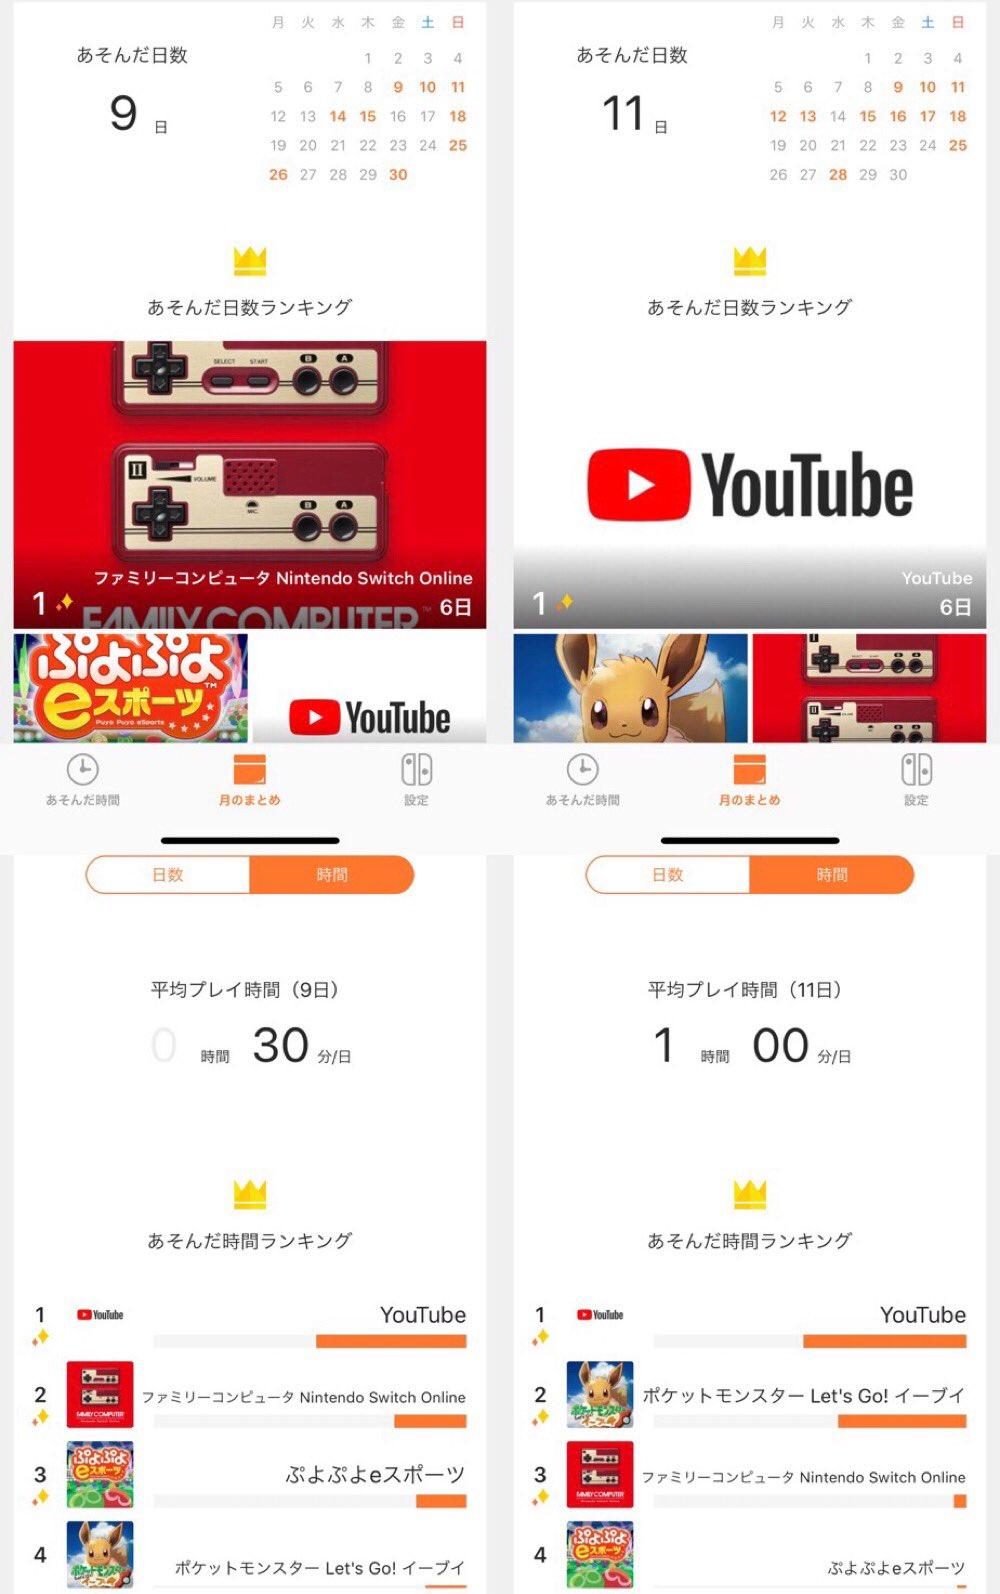 11月は Nintendo Switch でわりと遊んでた。新しく何か入手すると遊ぶようになるね。Nintendo Switch Online はこのままだと思ったほど遊ばなさそうなので、ポートピアとかやりたいゲームが追加されるといいのに。 https://t.co/AKvxcGtlBL